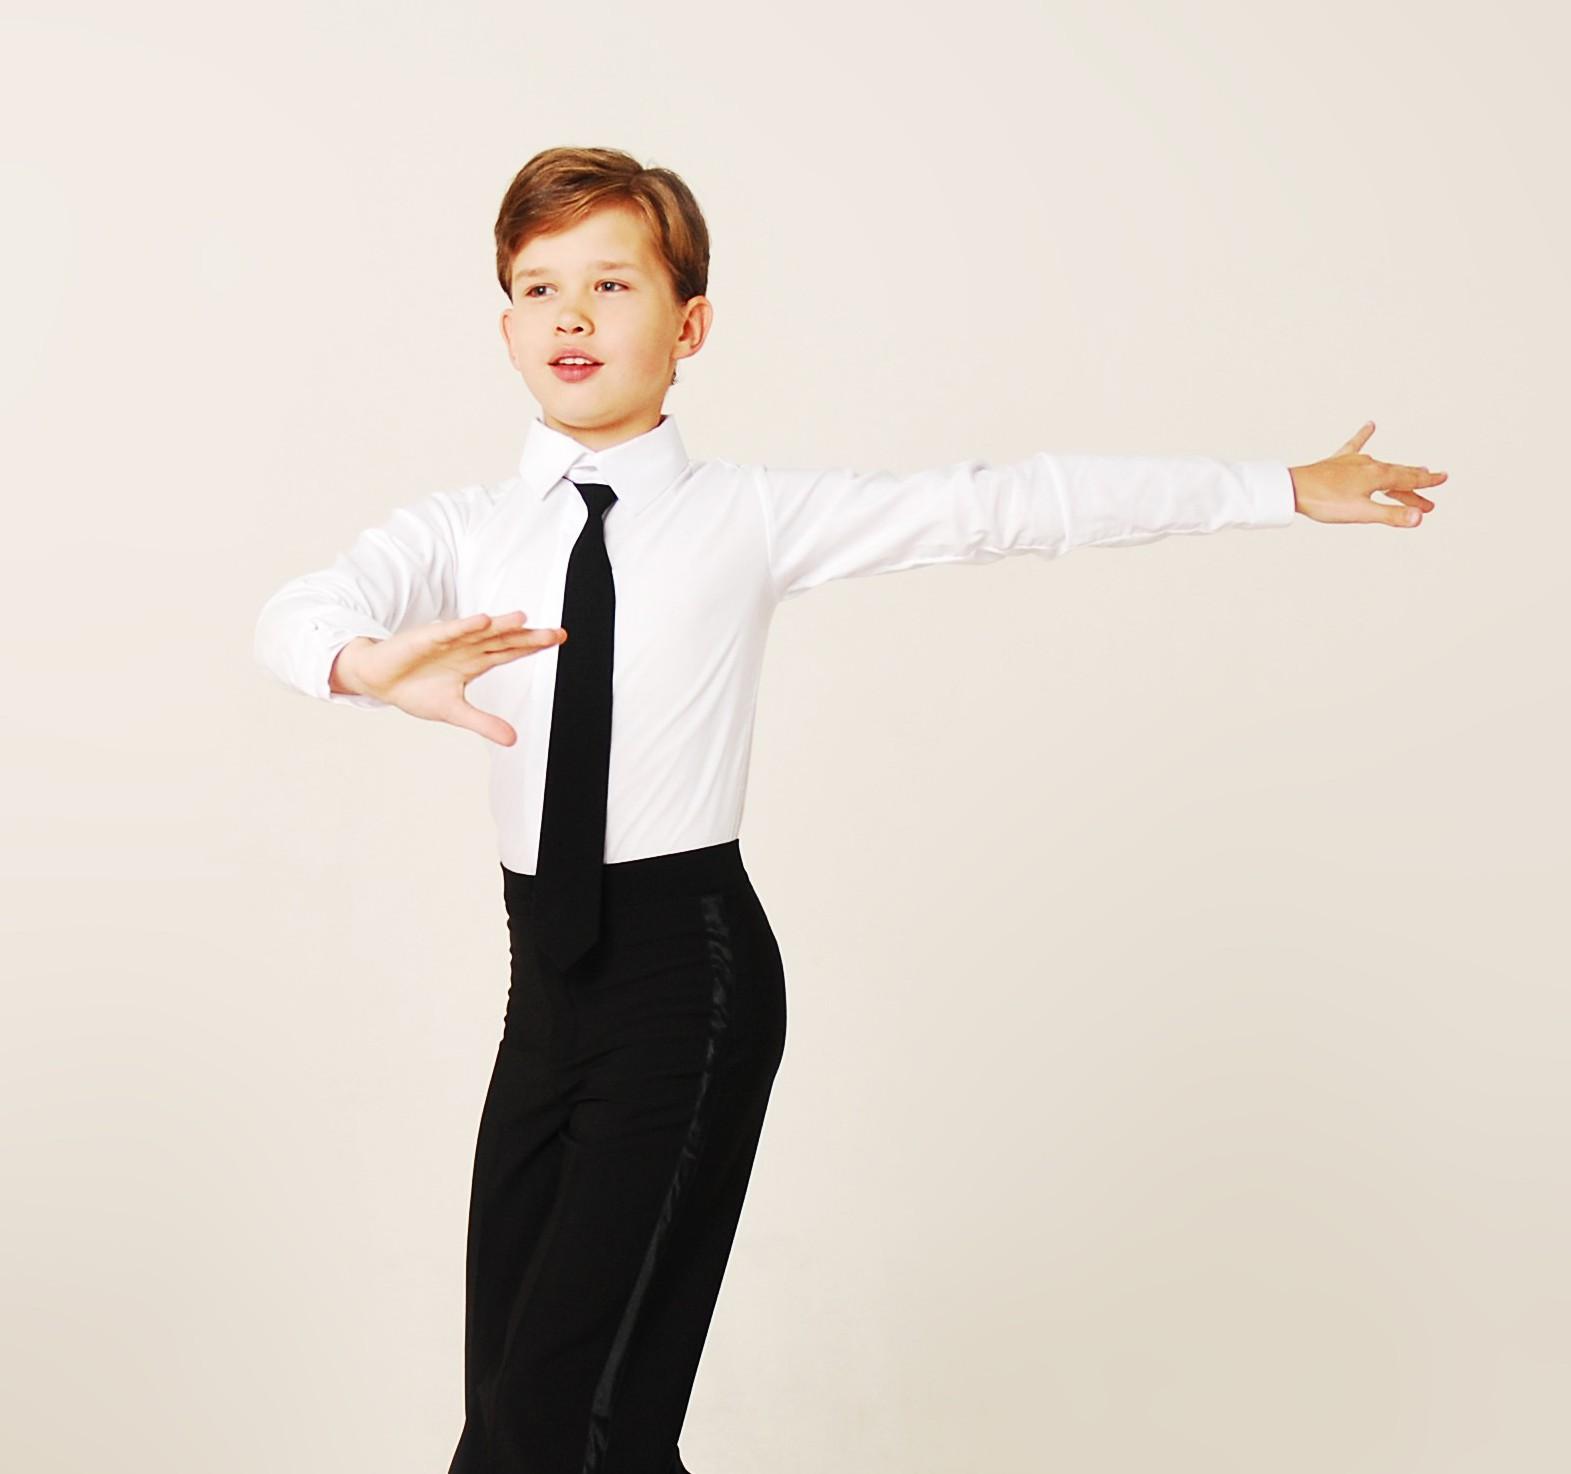 Брюки Для Танцев Для Мальчиков Доставка